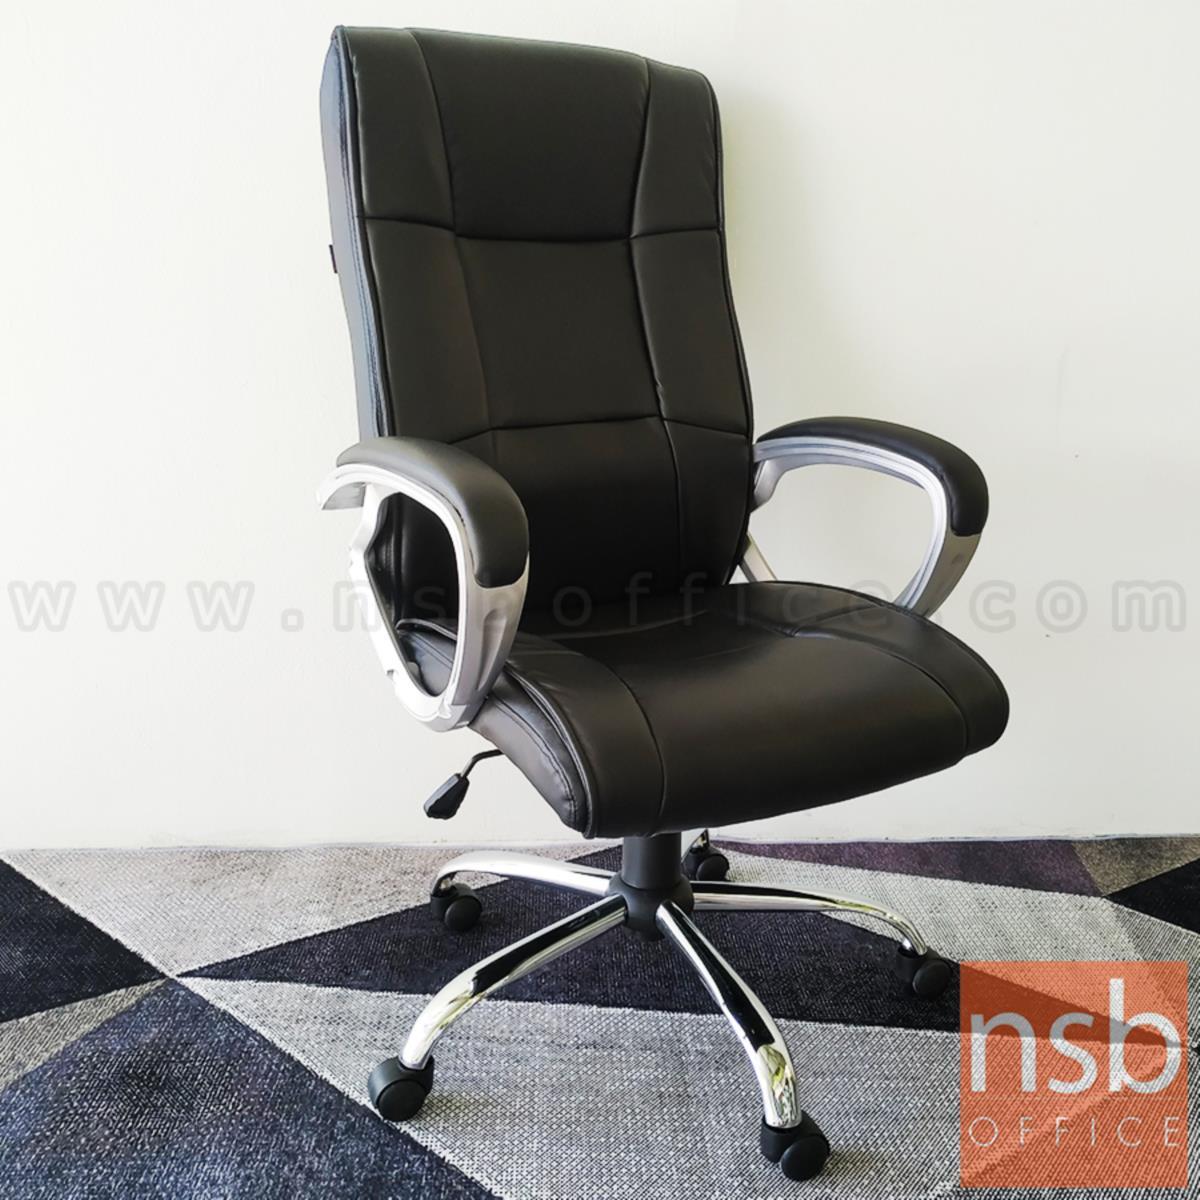 เก้าอี้ผู้บริหาร รุ่น Veda (วีดา) โช๊คแก๊ส ก้อนโยก